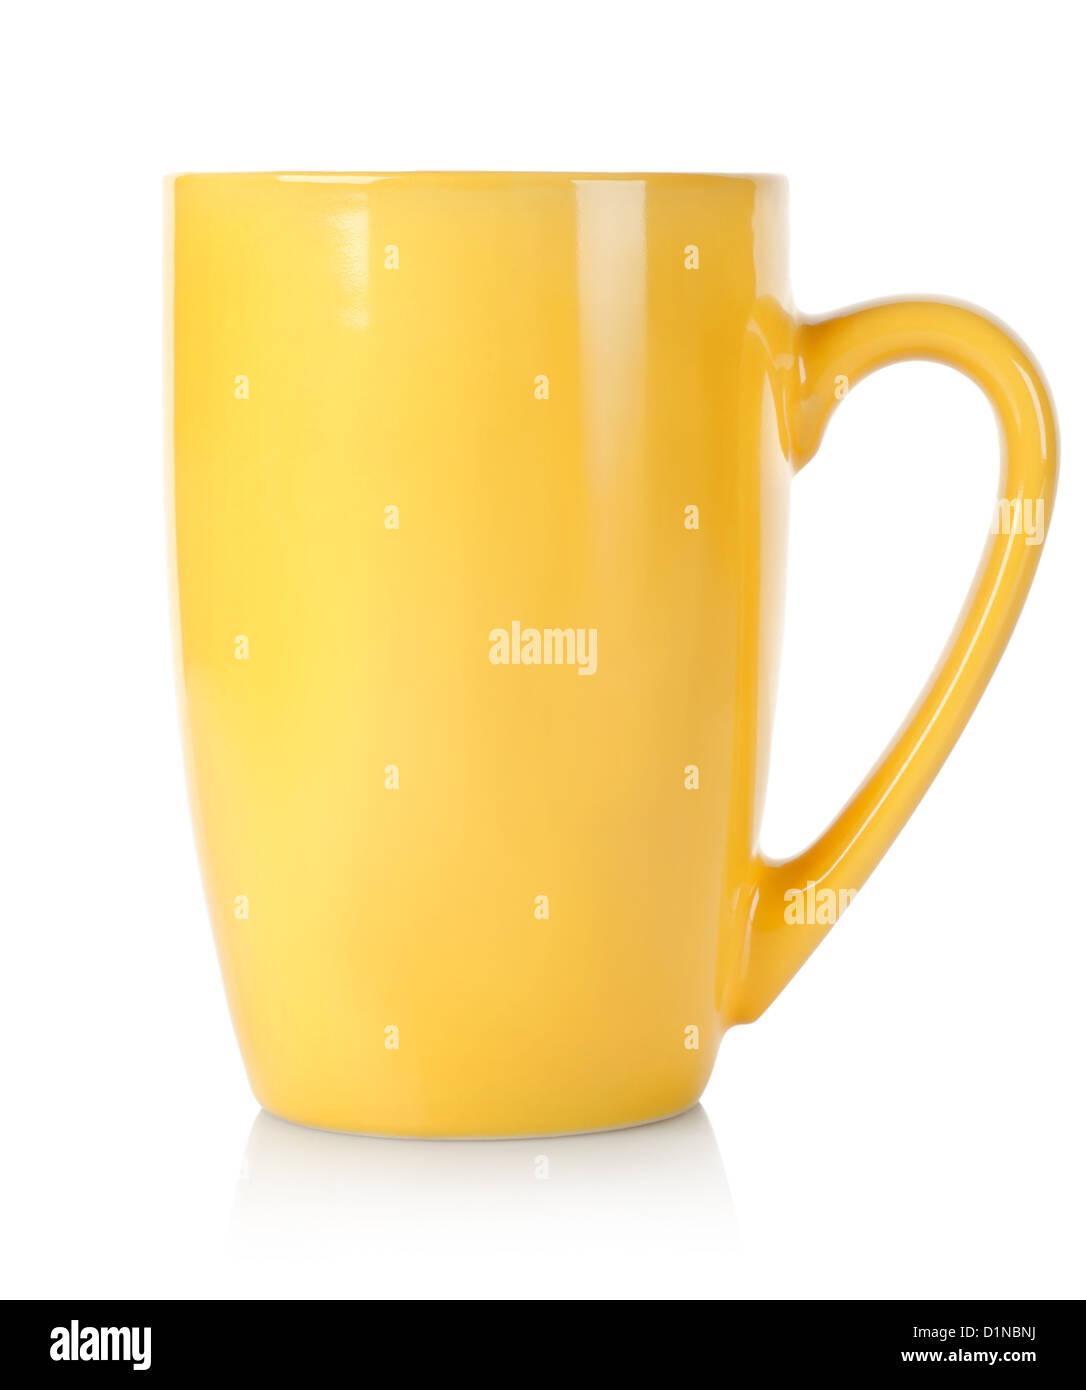 Giallo tazza isolata su uno sfondo bianco Immagini Stock